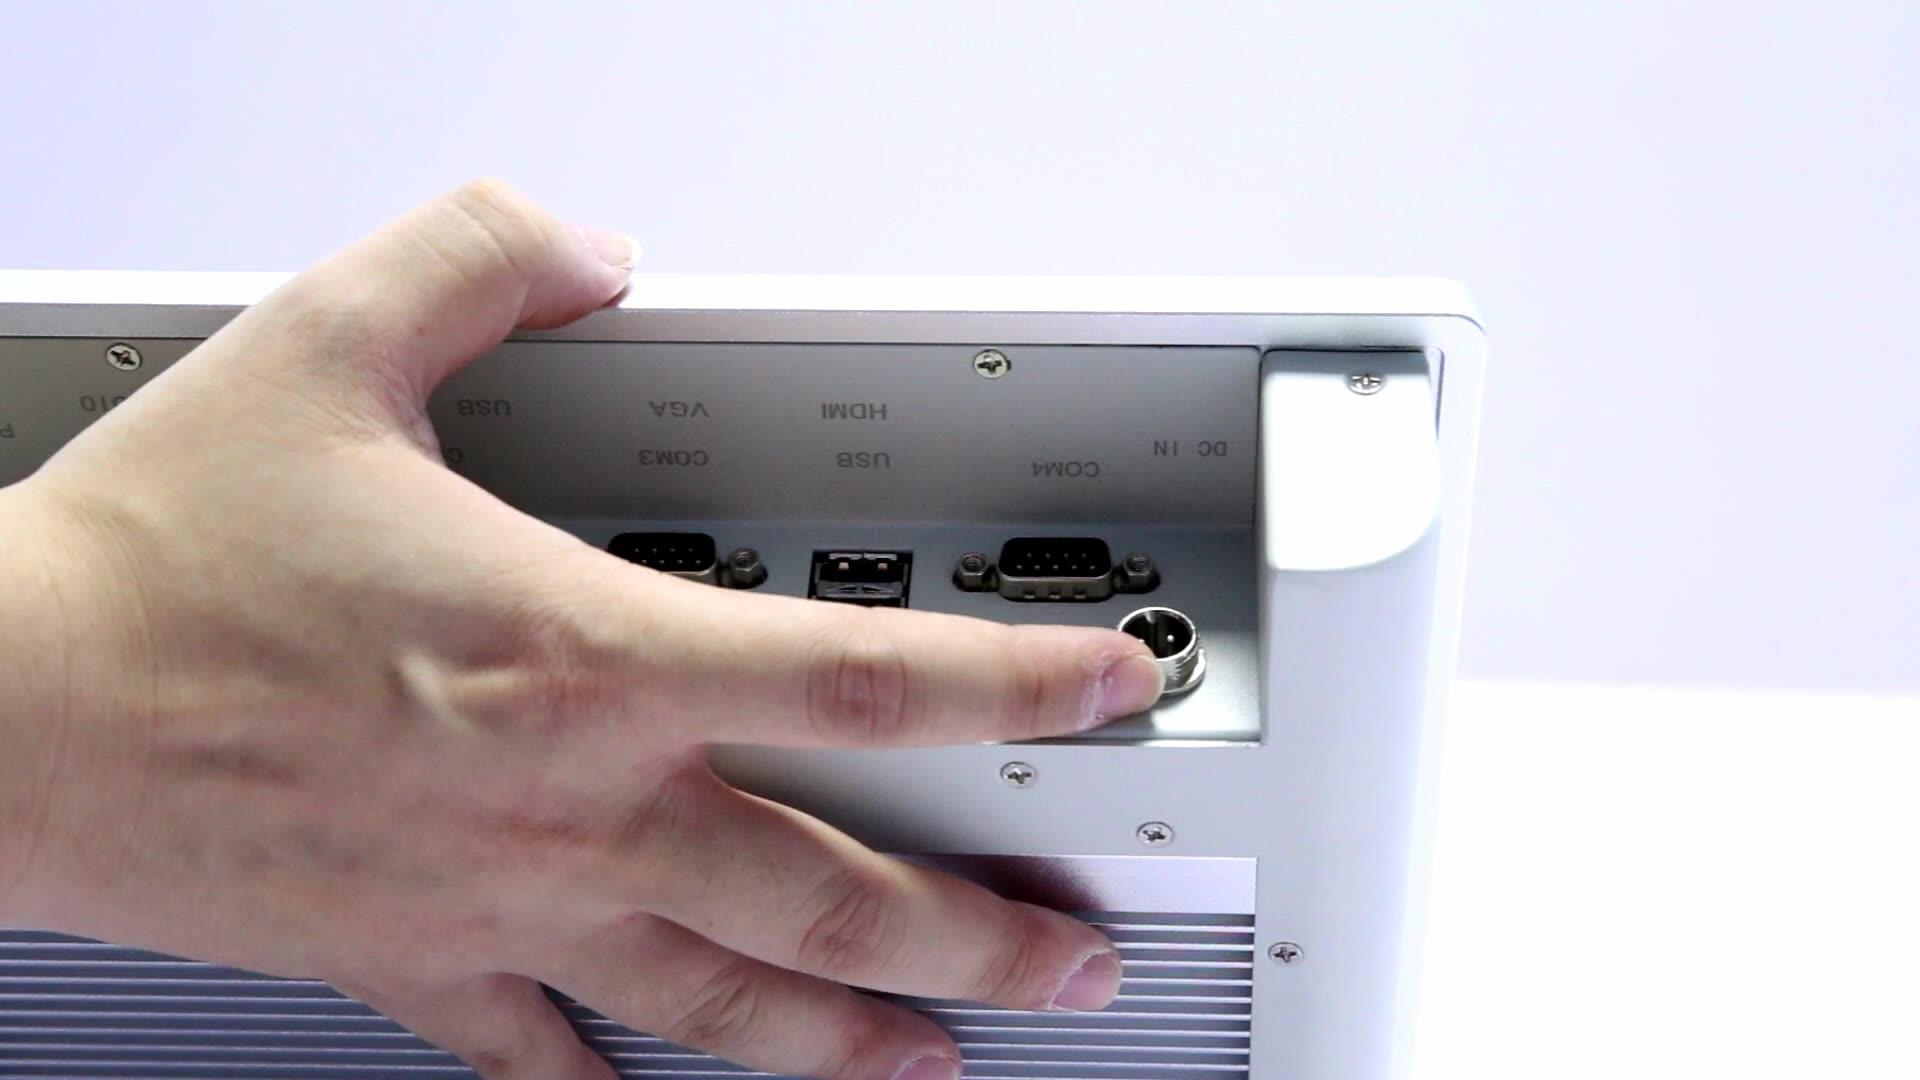 10 インチ J1900 工業用 Pc コンピュータ